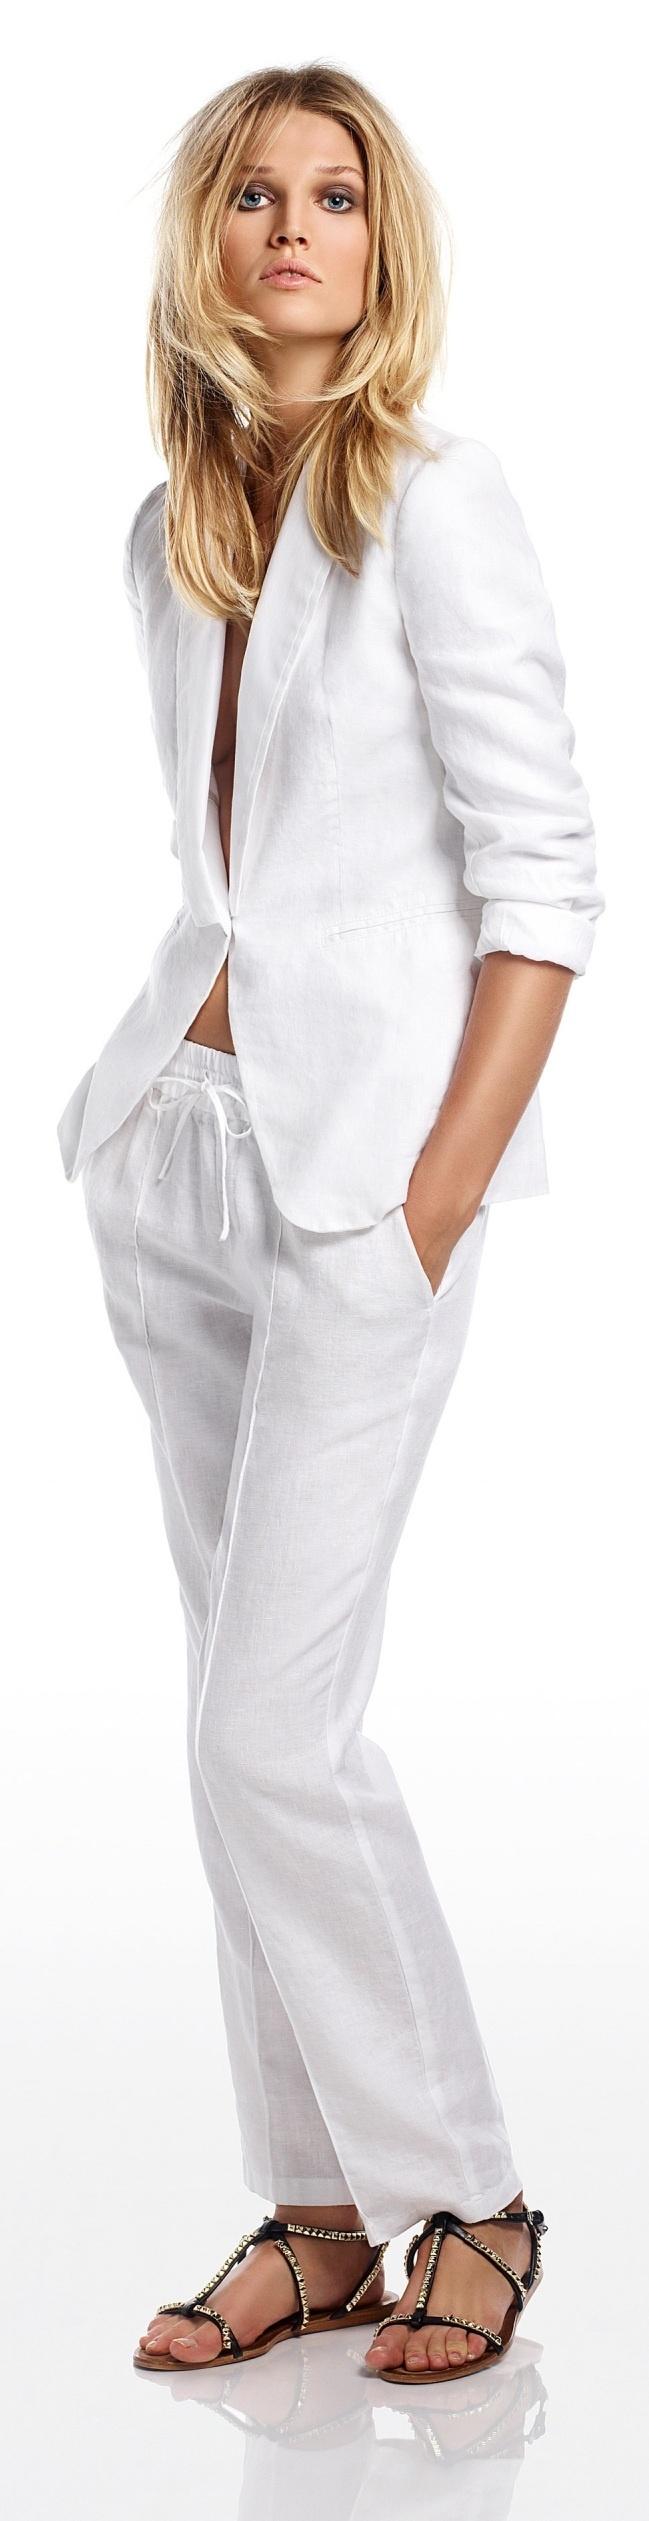 #Oui 2013/2014 #Trend White on White